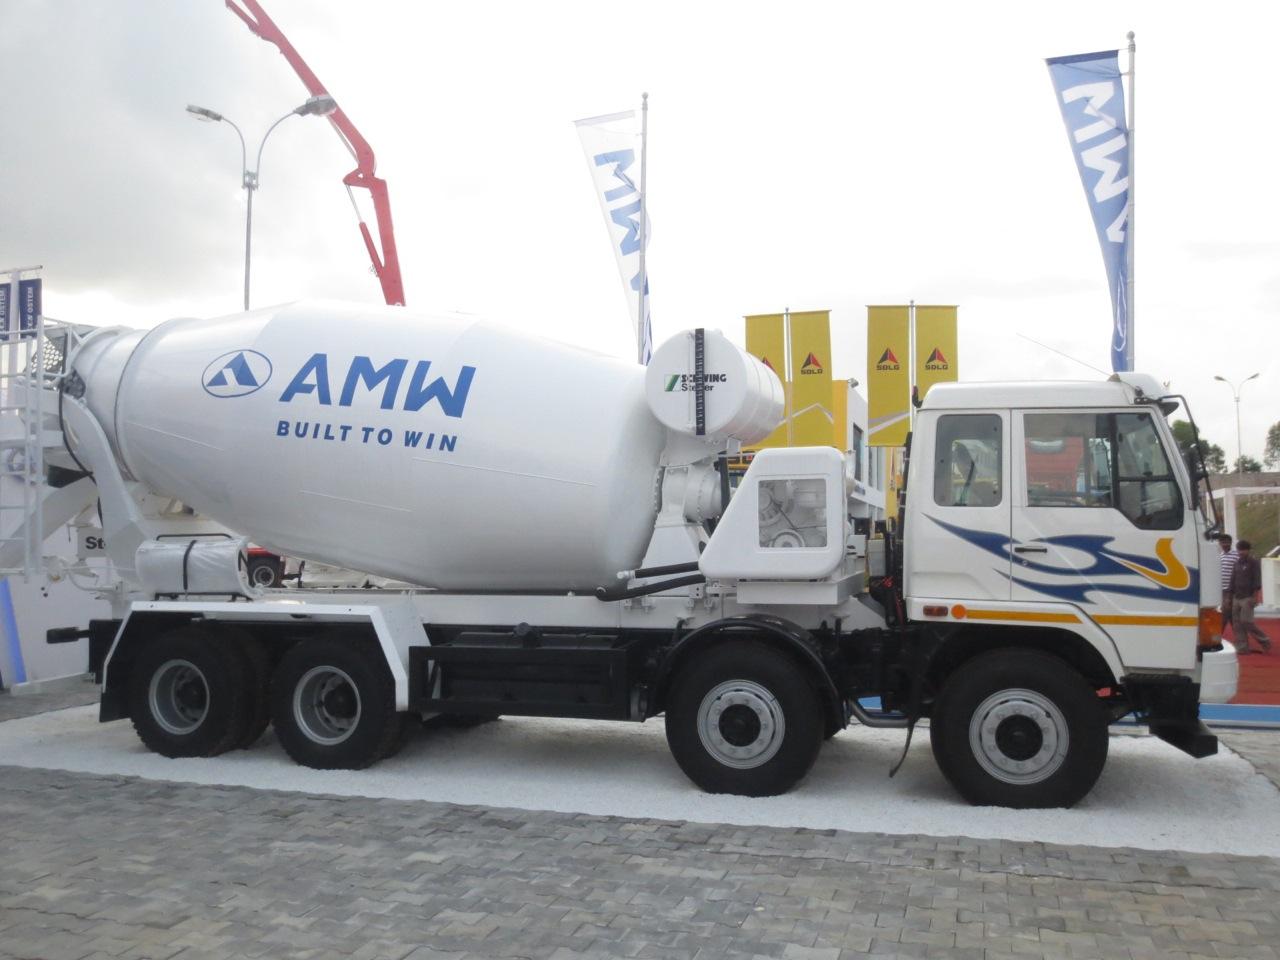 AMW 3118 TM transit mixer at EXCON 2013